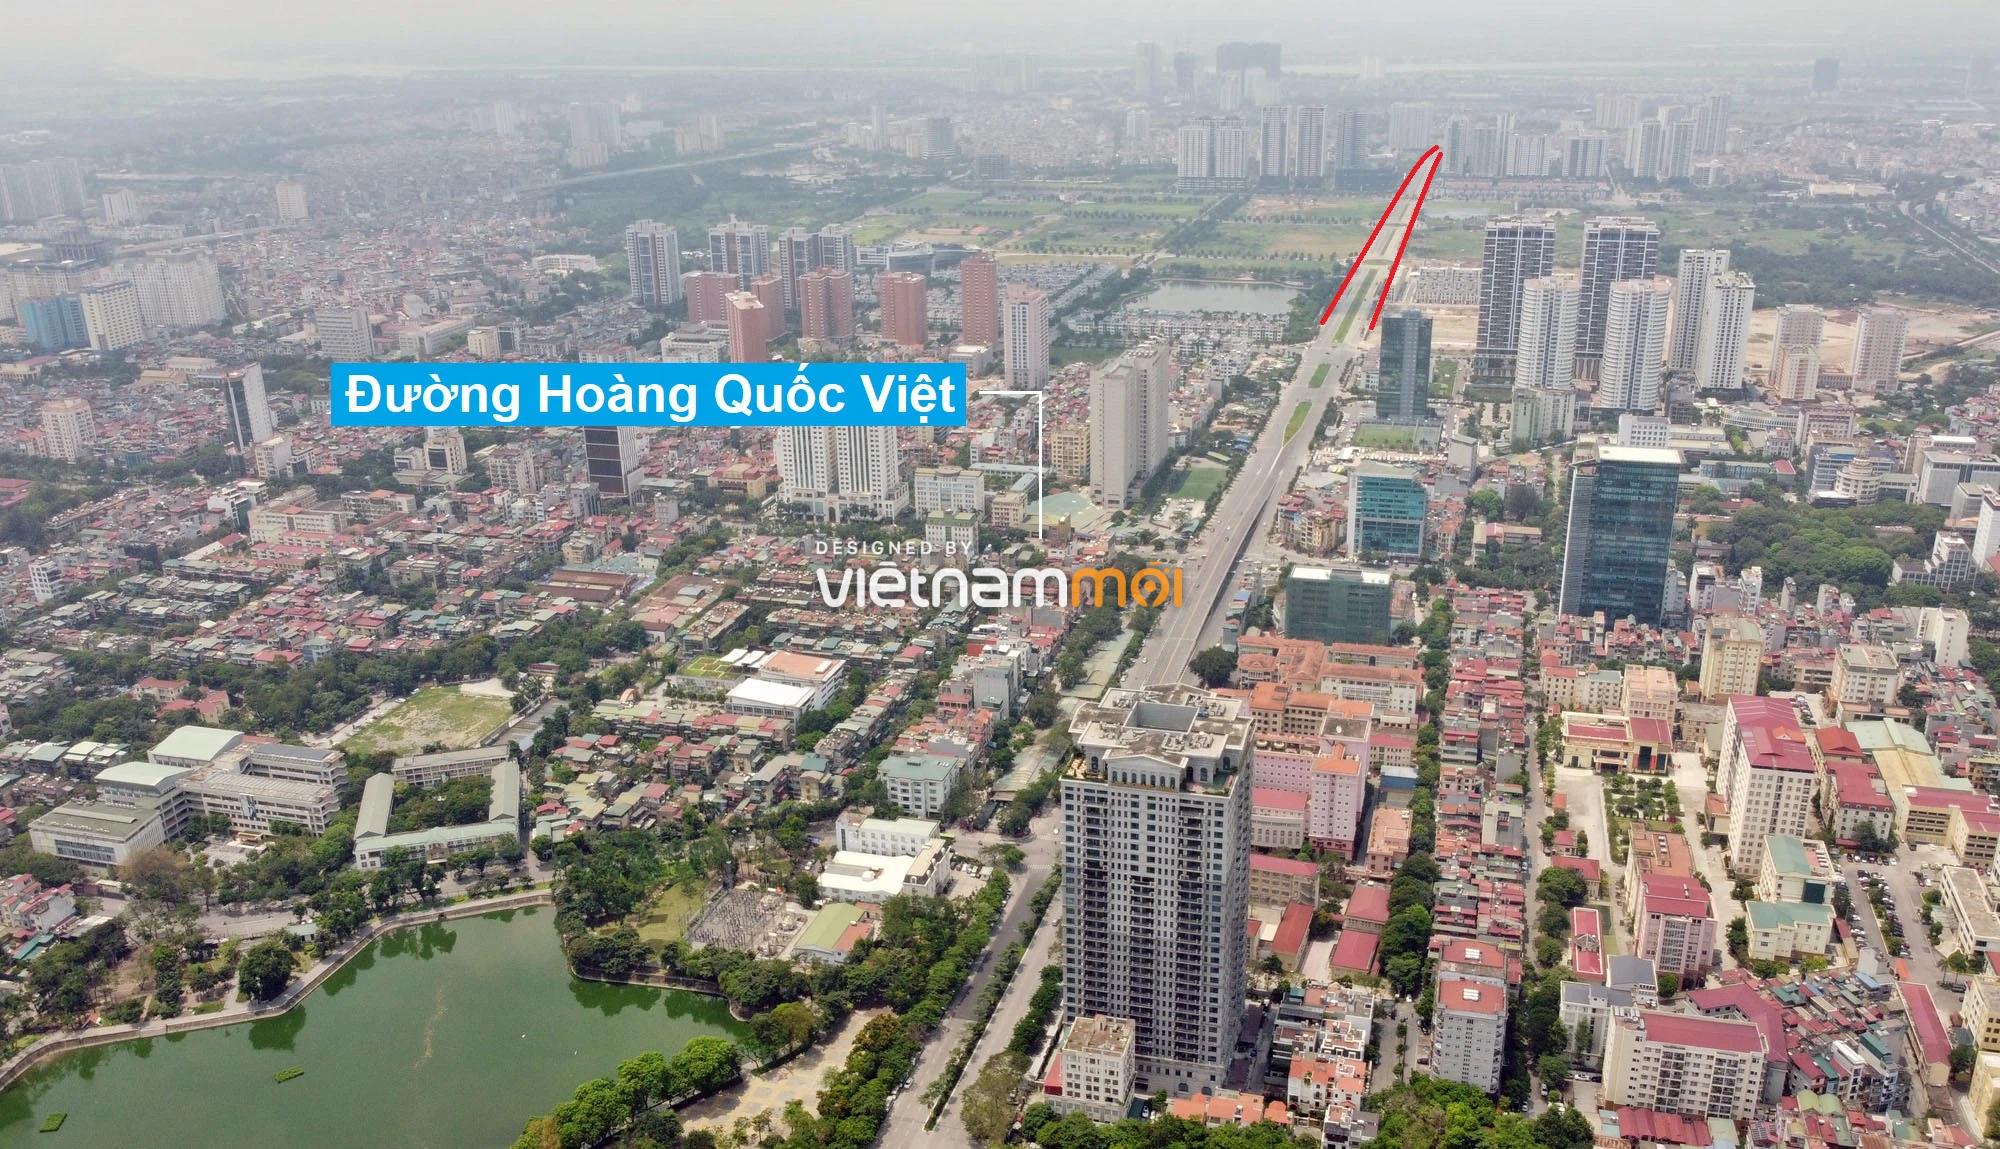 Vành đai 2,5 sẽ mở theo quy hoạch qua quận Bắc Từ Liêm, Hà Nội - Ảnh 1.